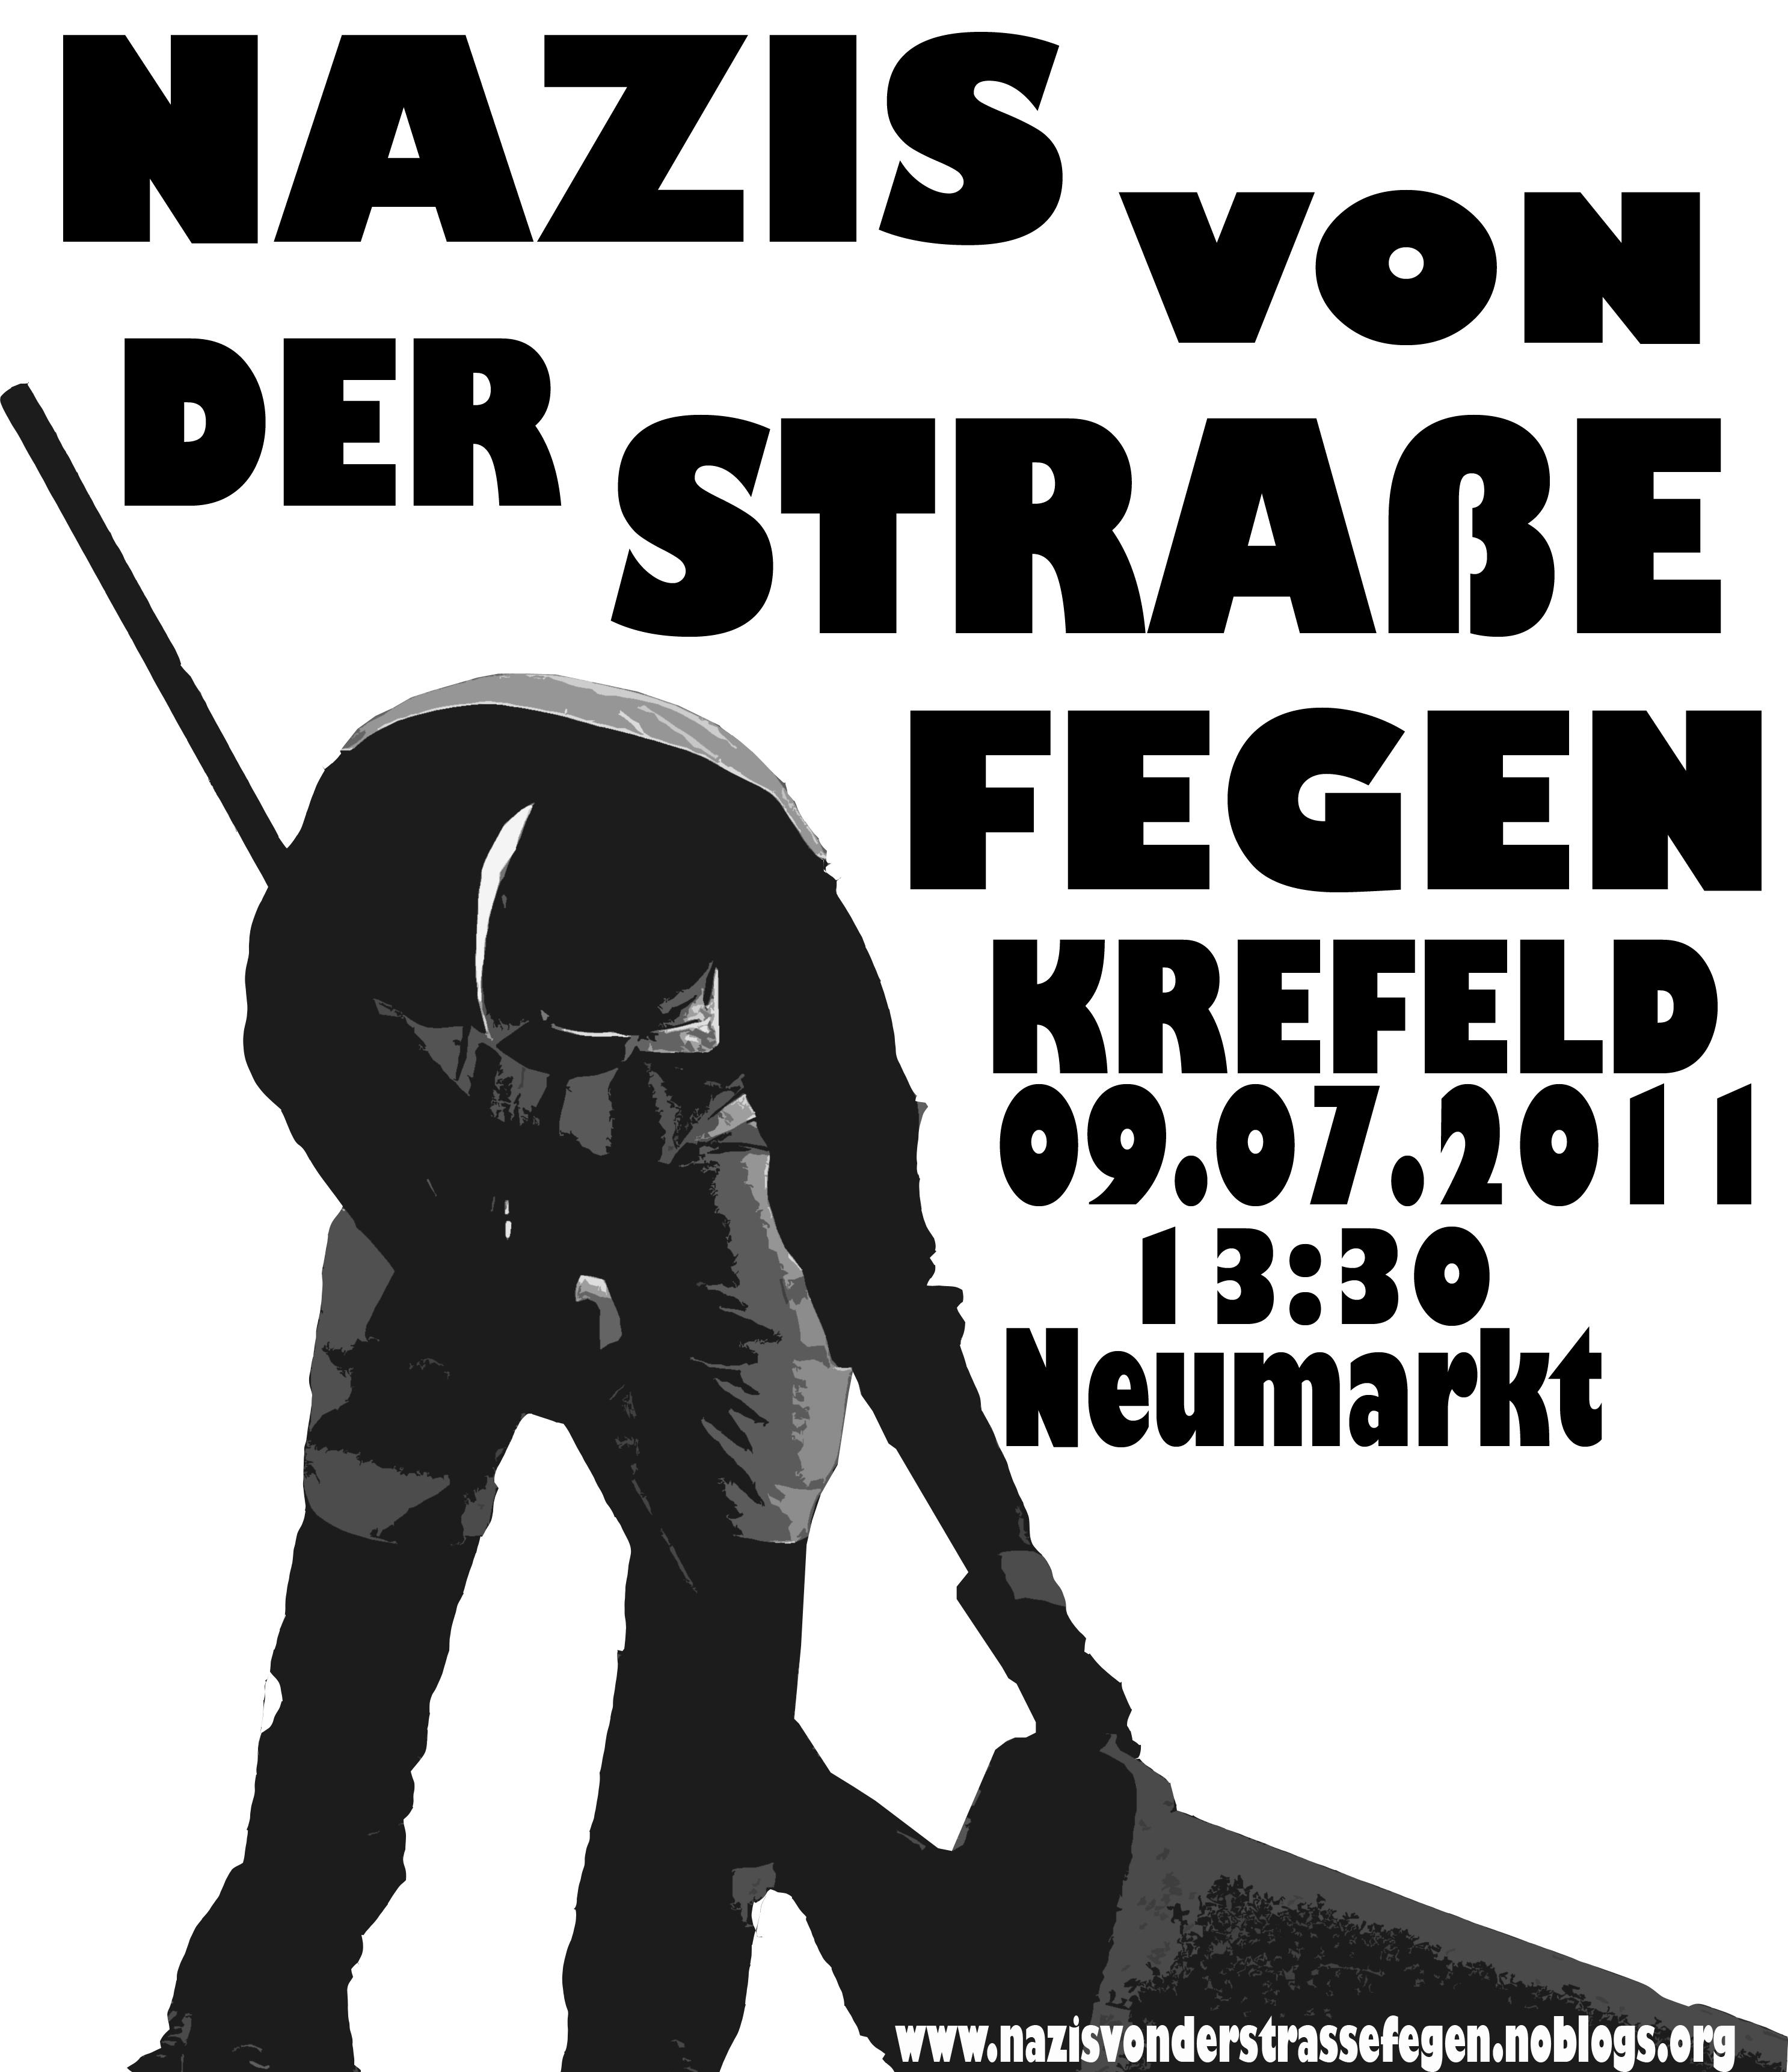 Die Nazis kommen – wir auch! - Nazis von der Strasse fegen!